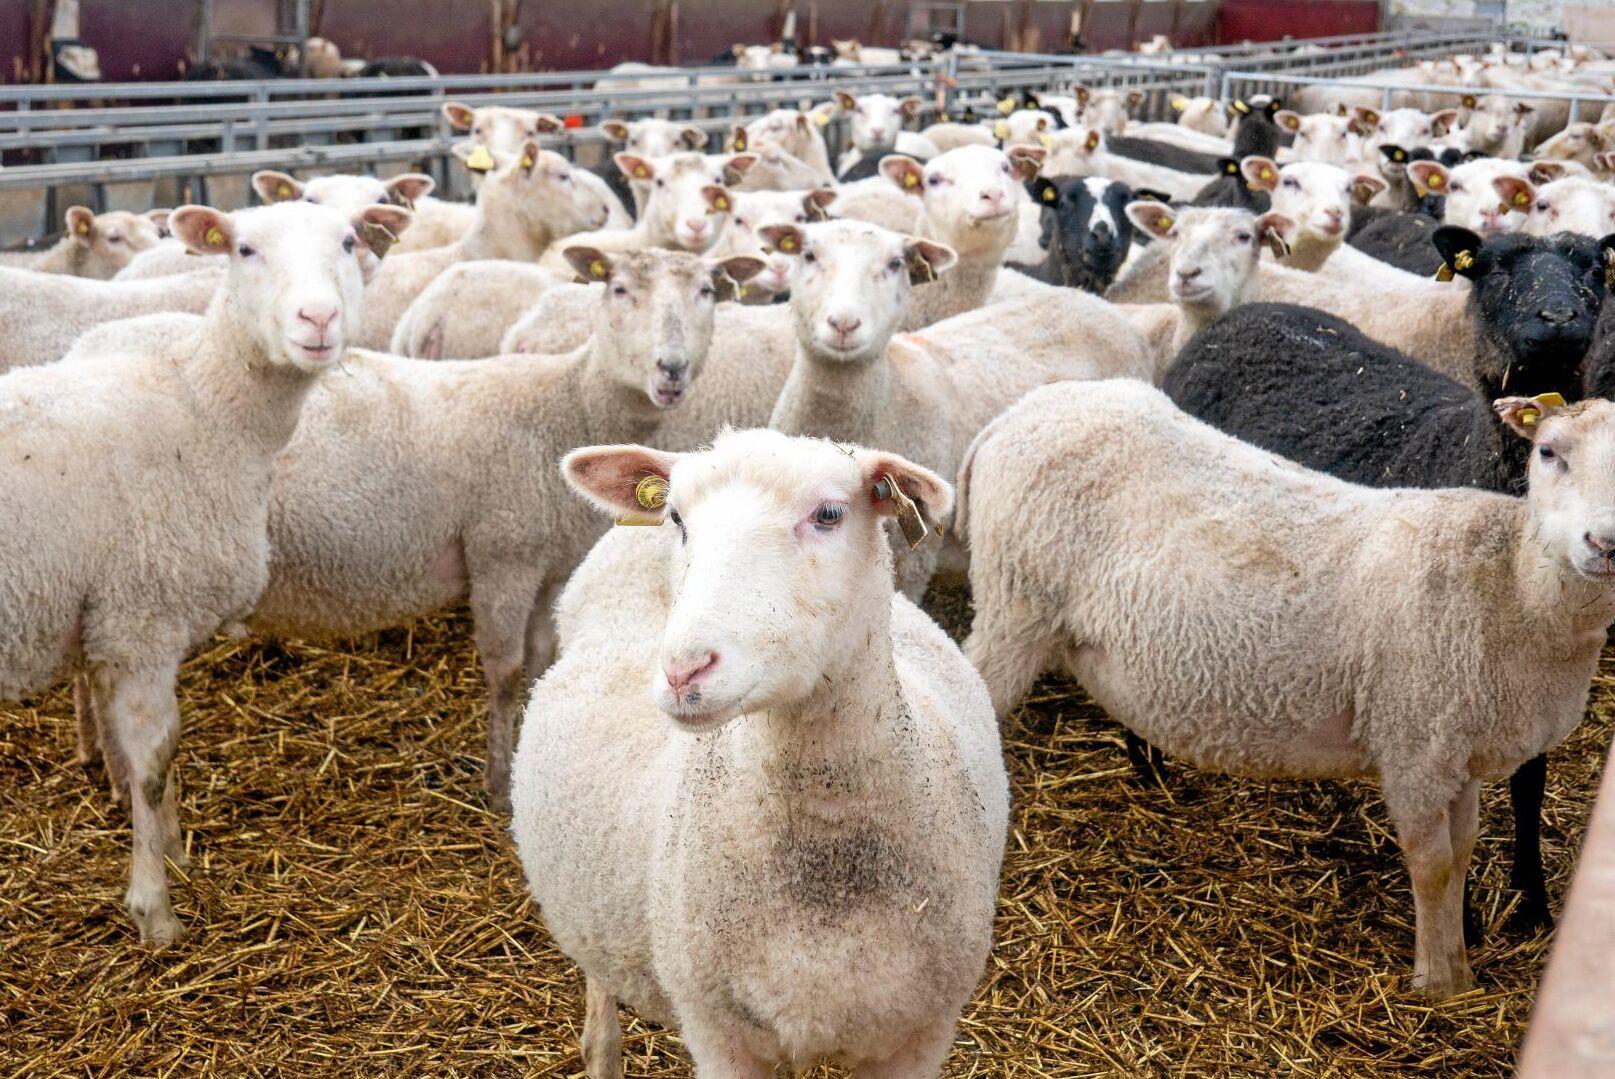 Den 16 november kommer det att finnas garn gjort på svensk ull att köpa i butik och online (arkivbild).